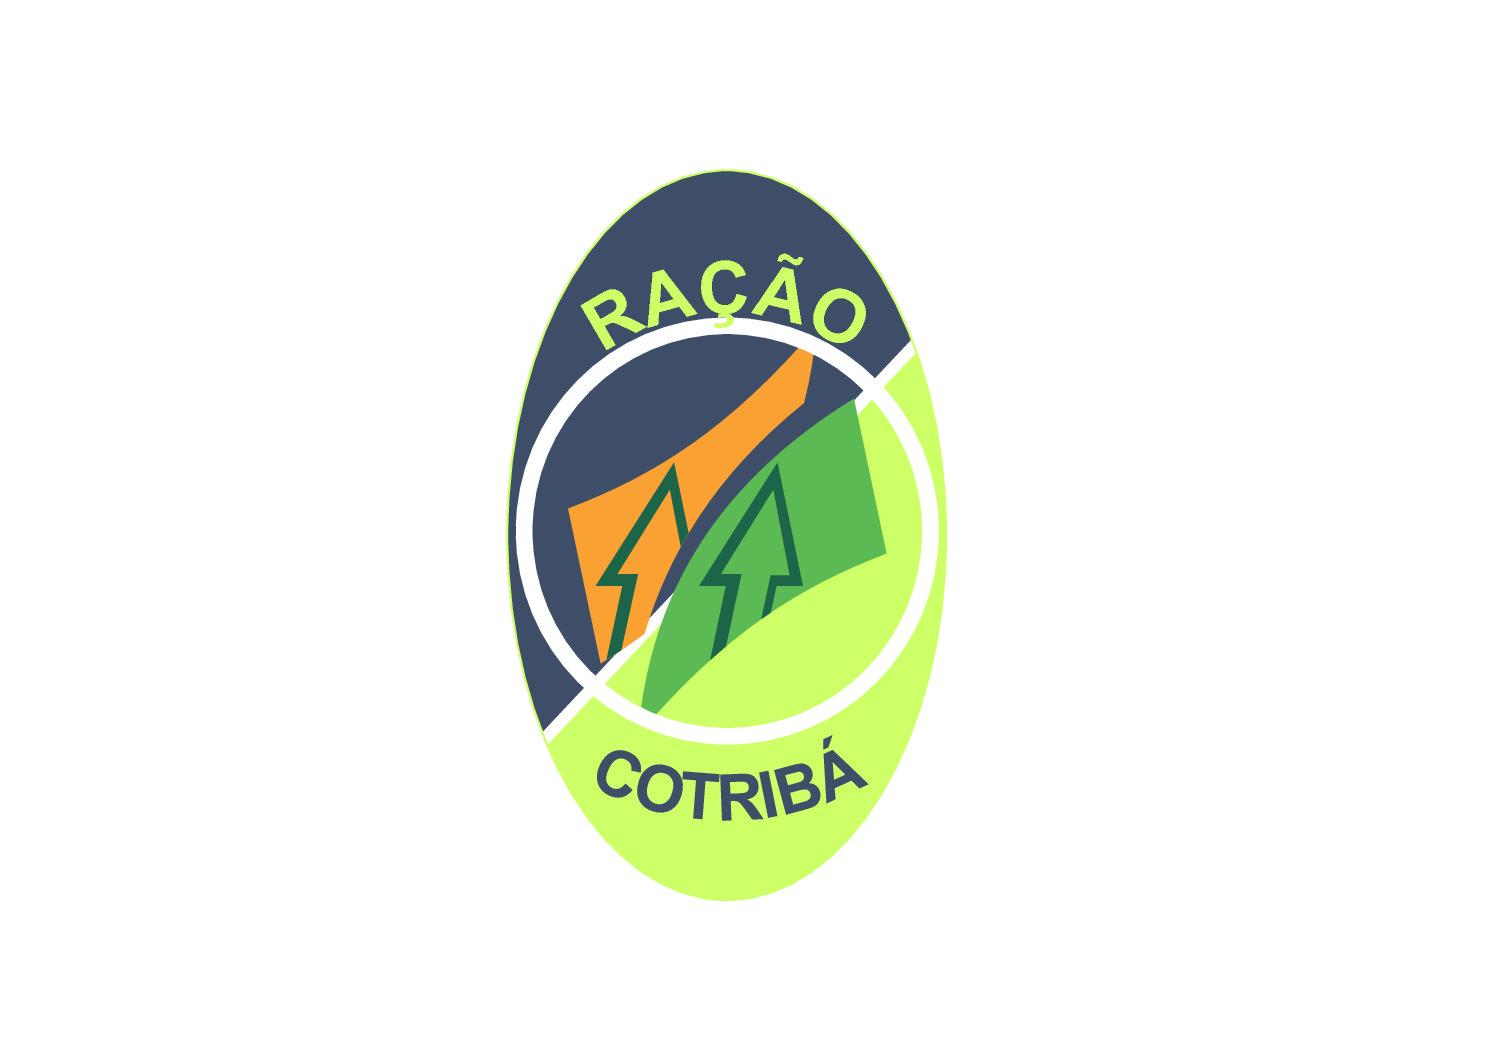 FARDAMENTO PARA EQUIPE DA RAÇÃO COTRIBÁ DE IBIRUBÁ/RS.